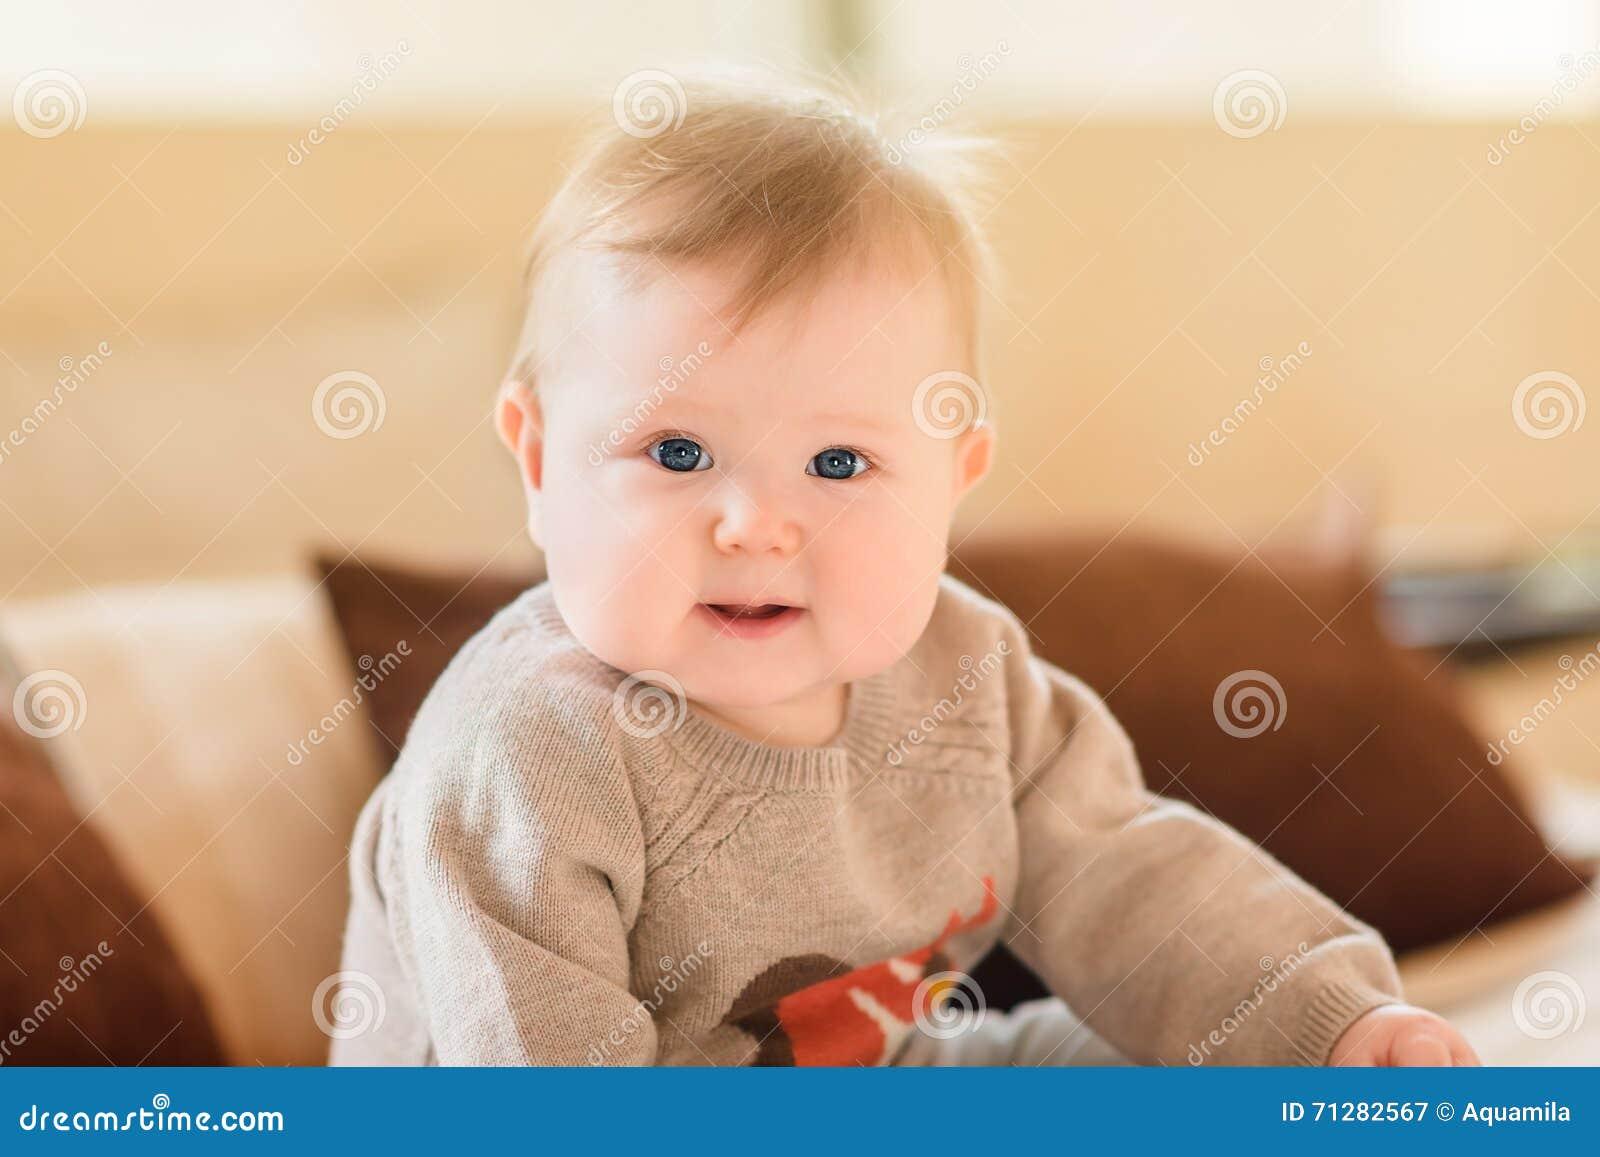 Porträt des lächelnden kleinen Kindes mit dem blonden Haar und blauen den Augen, welche die gestrickte Strickjacke sitzt auf Sofa